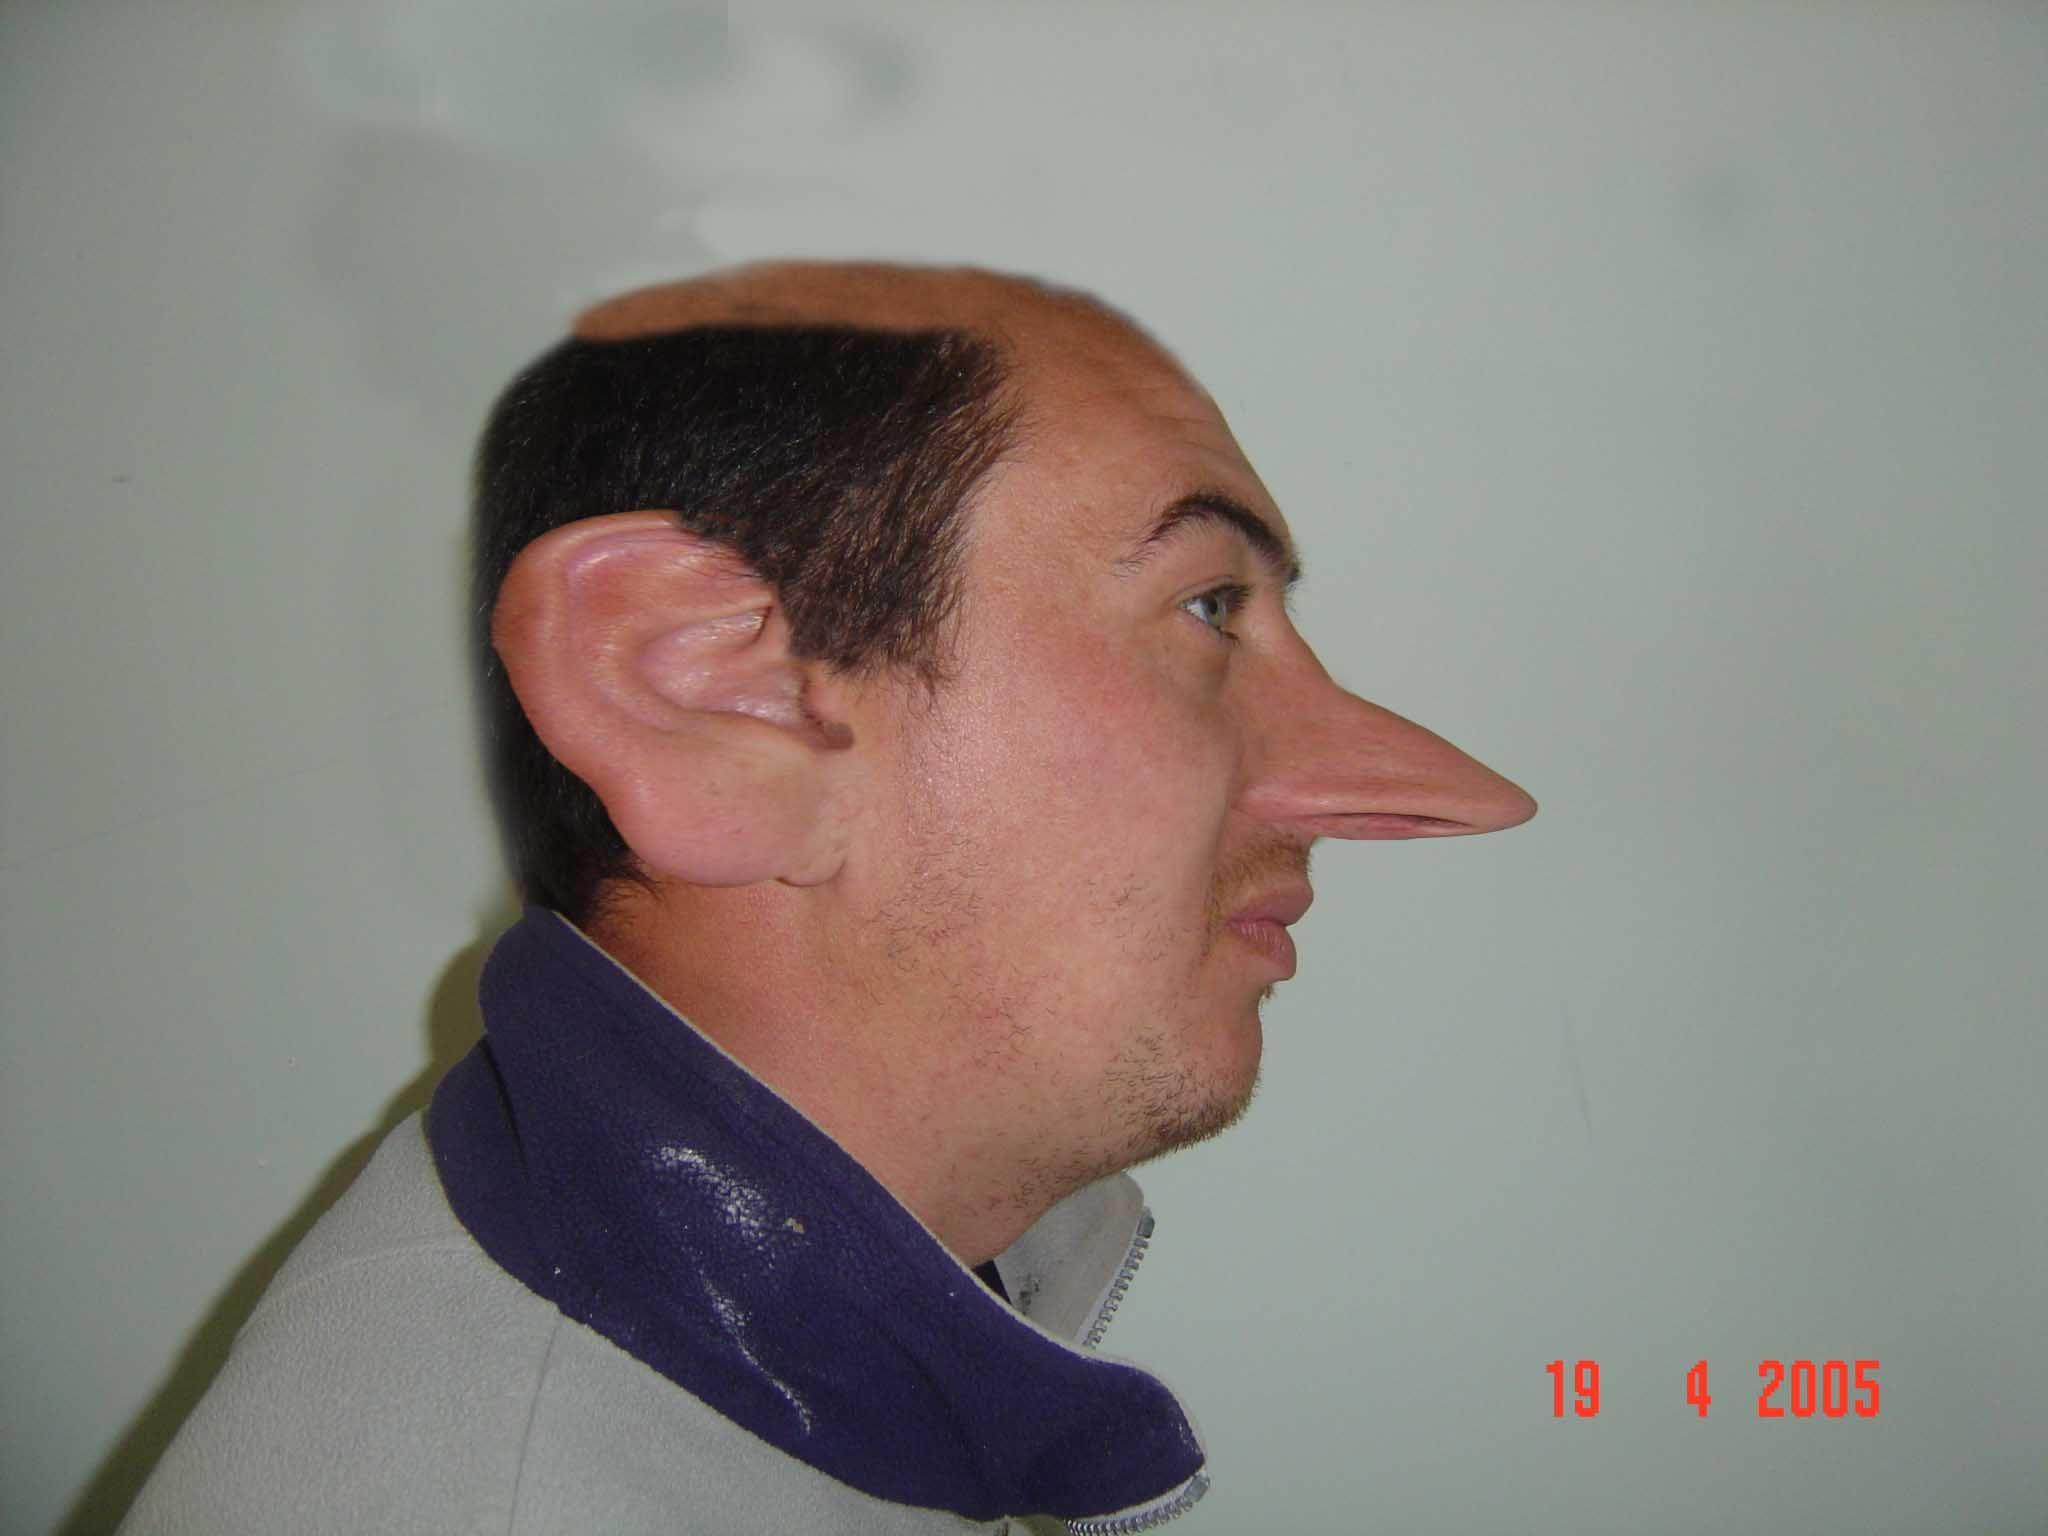 Член вместо носа 8 фотография